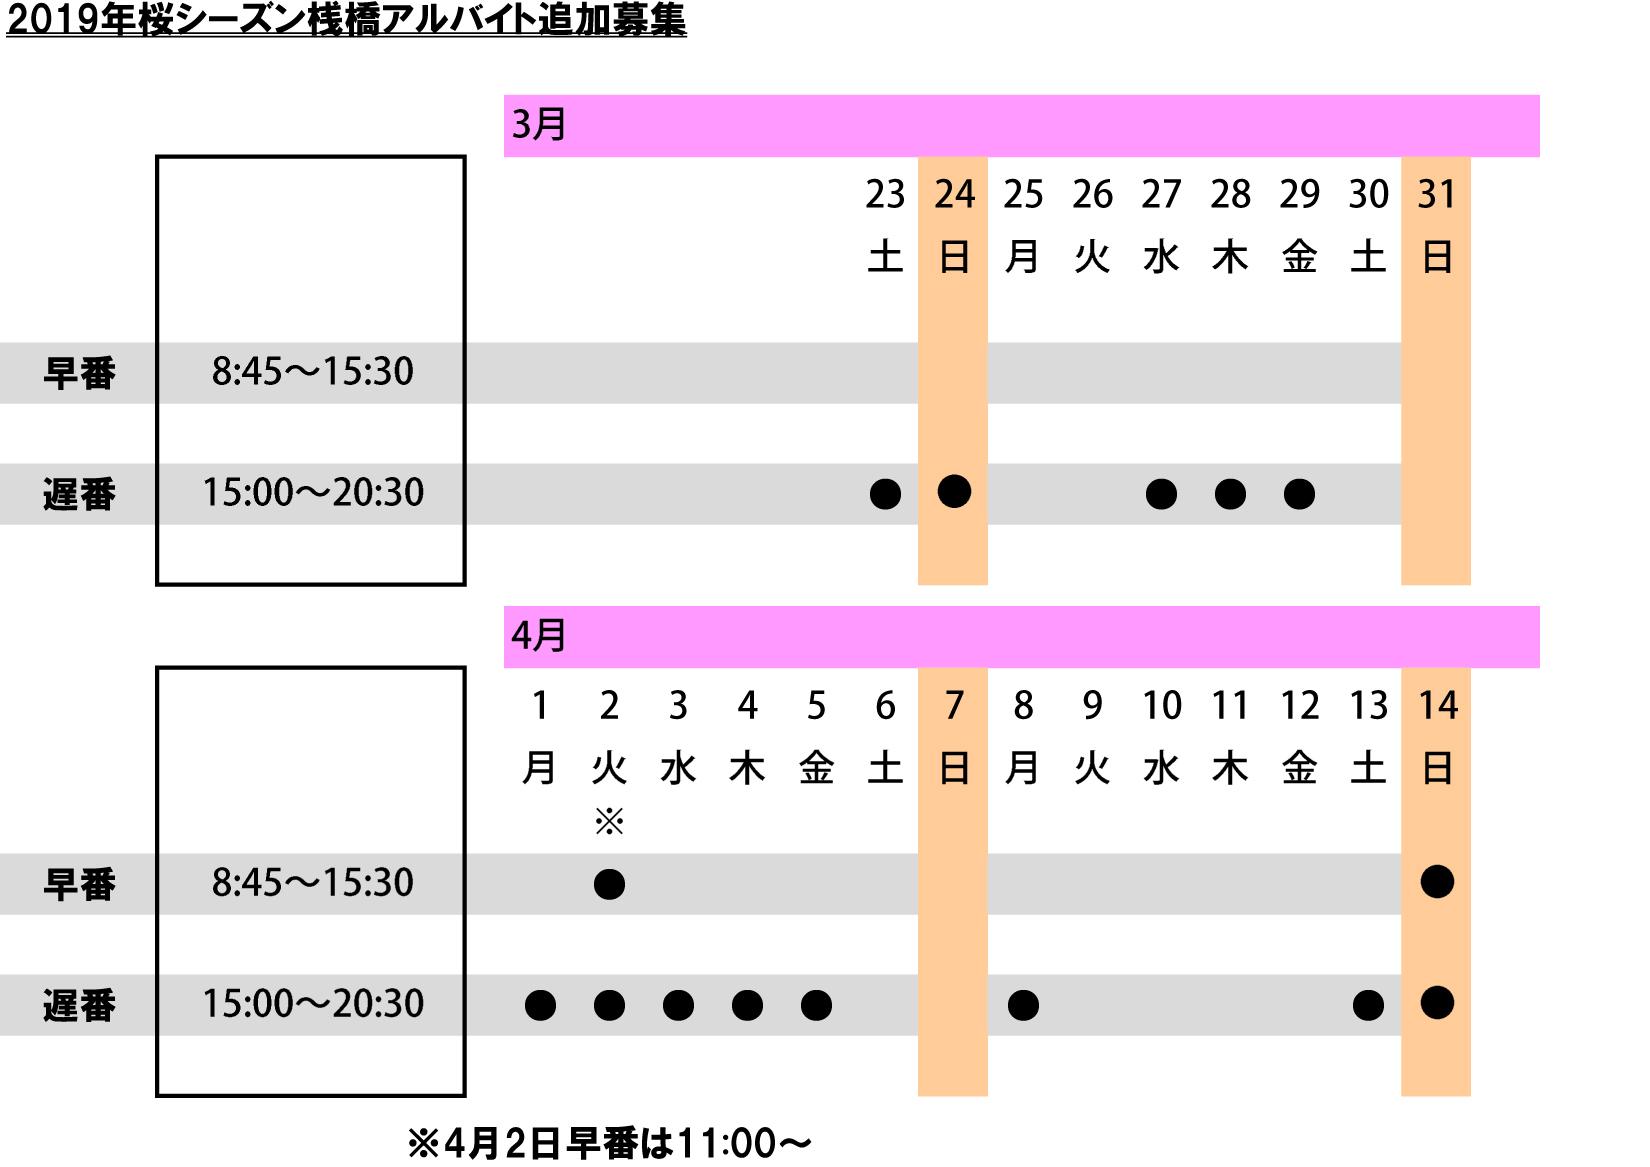 【短期アルバイト募集】2019年桜シーズン桟橋でのお手伝い業務_a0137142_16171959.jpg